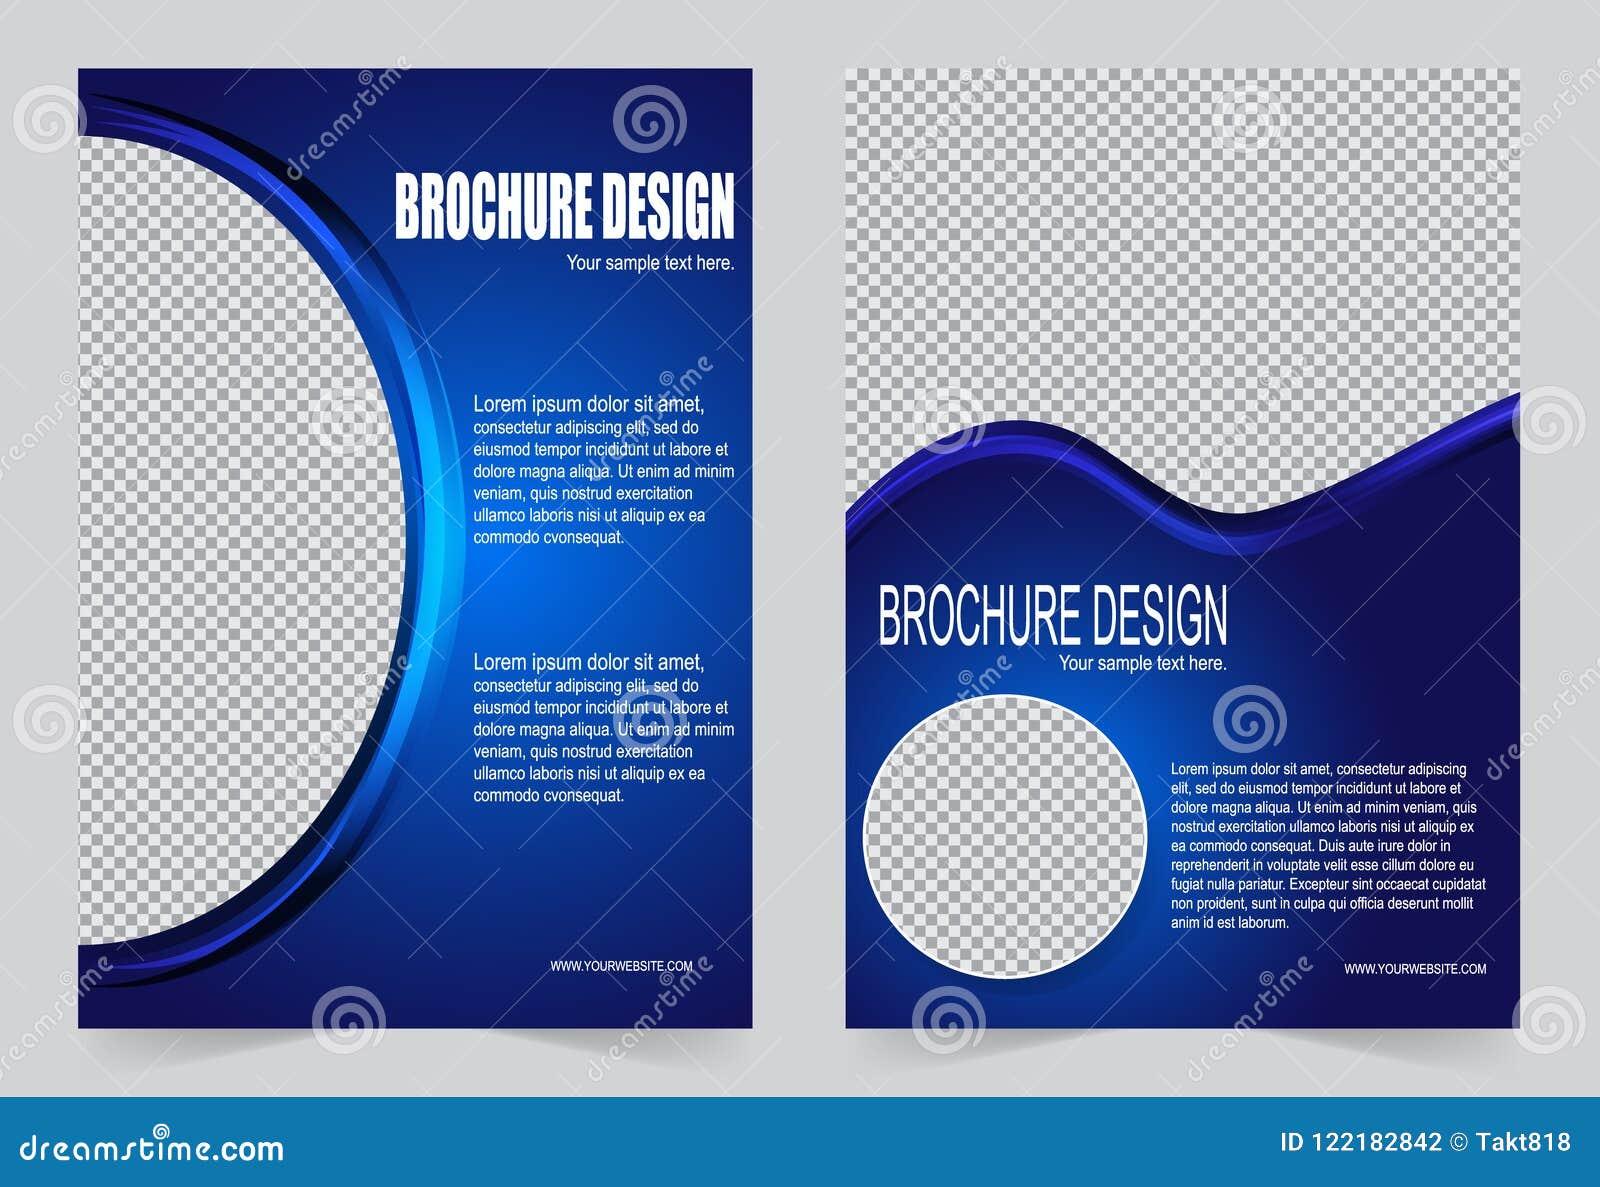 Royal Blue Brochure Template Flyer Design Stock Vector Illustration Of Background Promotion 122182842